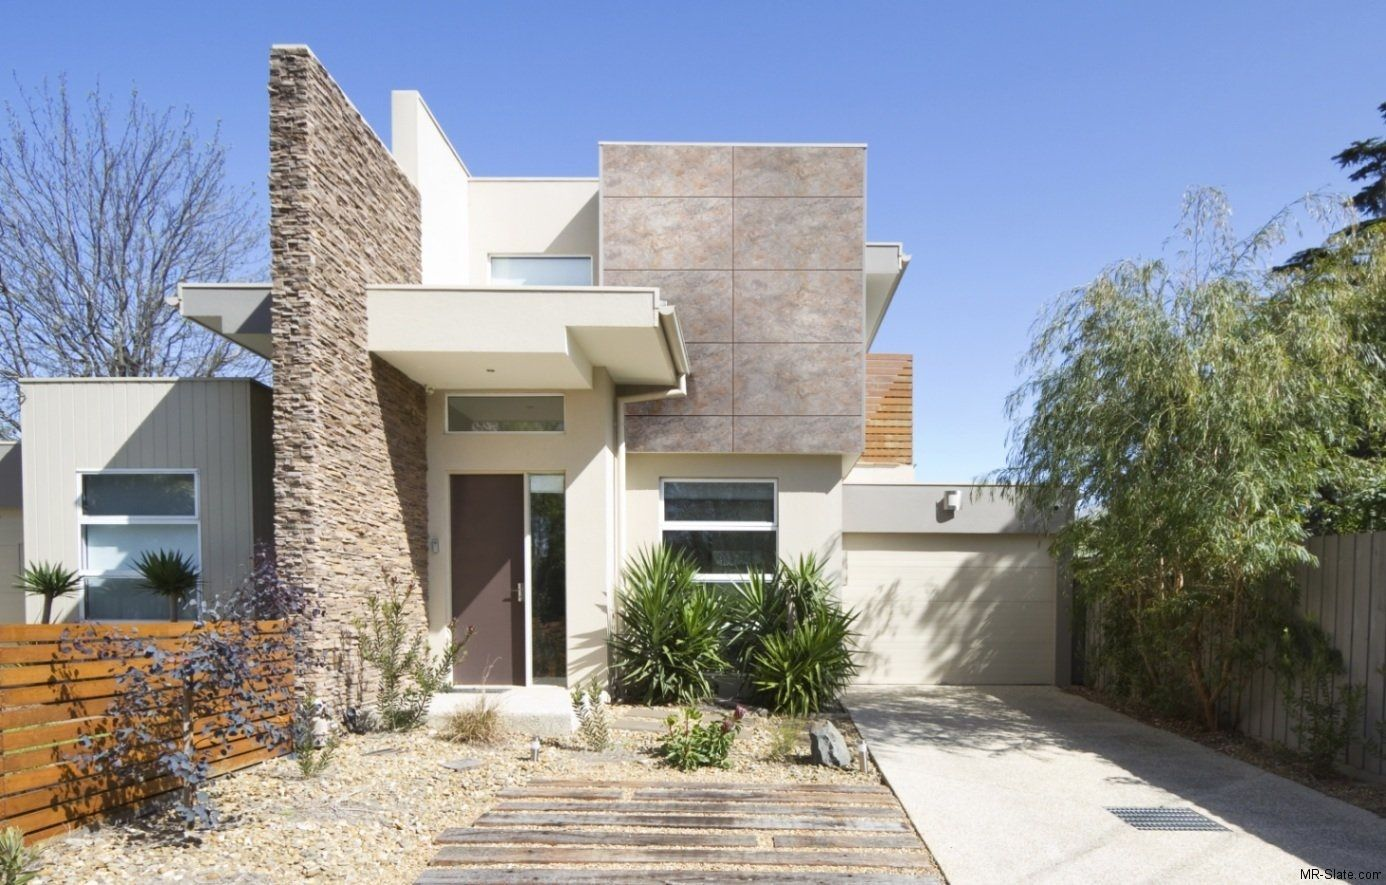 Fachada de casa moderna con pared de piedra arquitectura for Fachada de casas modernas con piedras